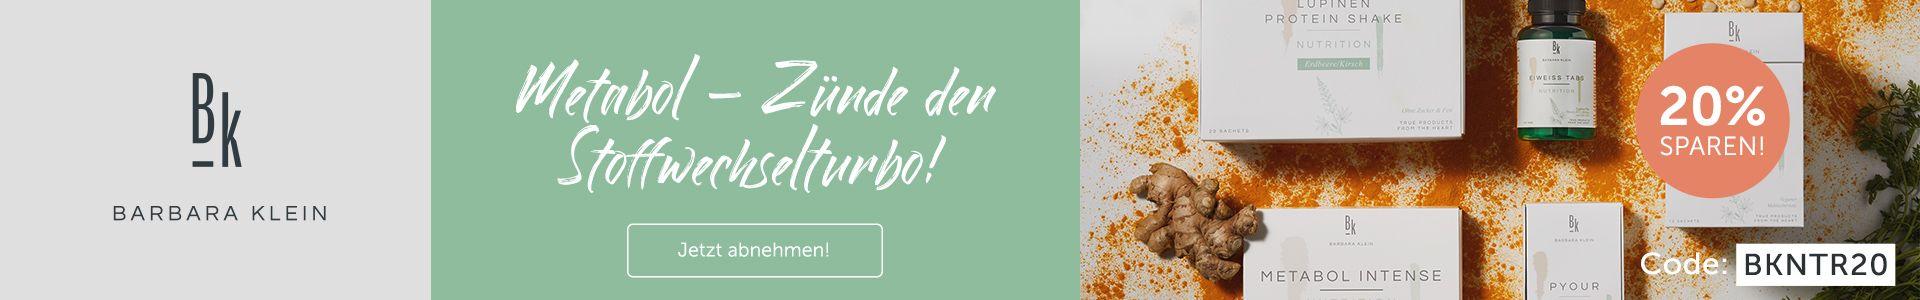 Erlebe Nahrungsergänzung der Extraklasse von Ernährungsexpertin Barbara Klein und sichere dir 20% auf das gesamte BK Nutrition Sortiment!